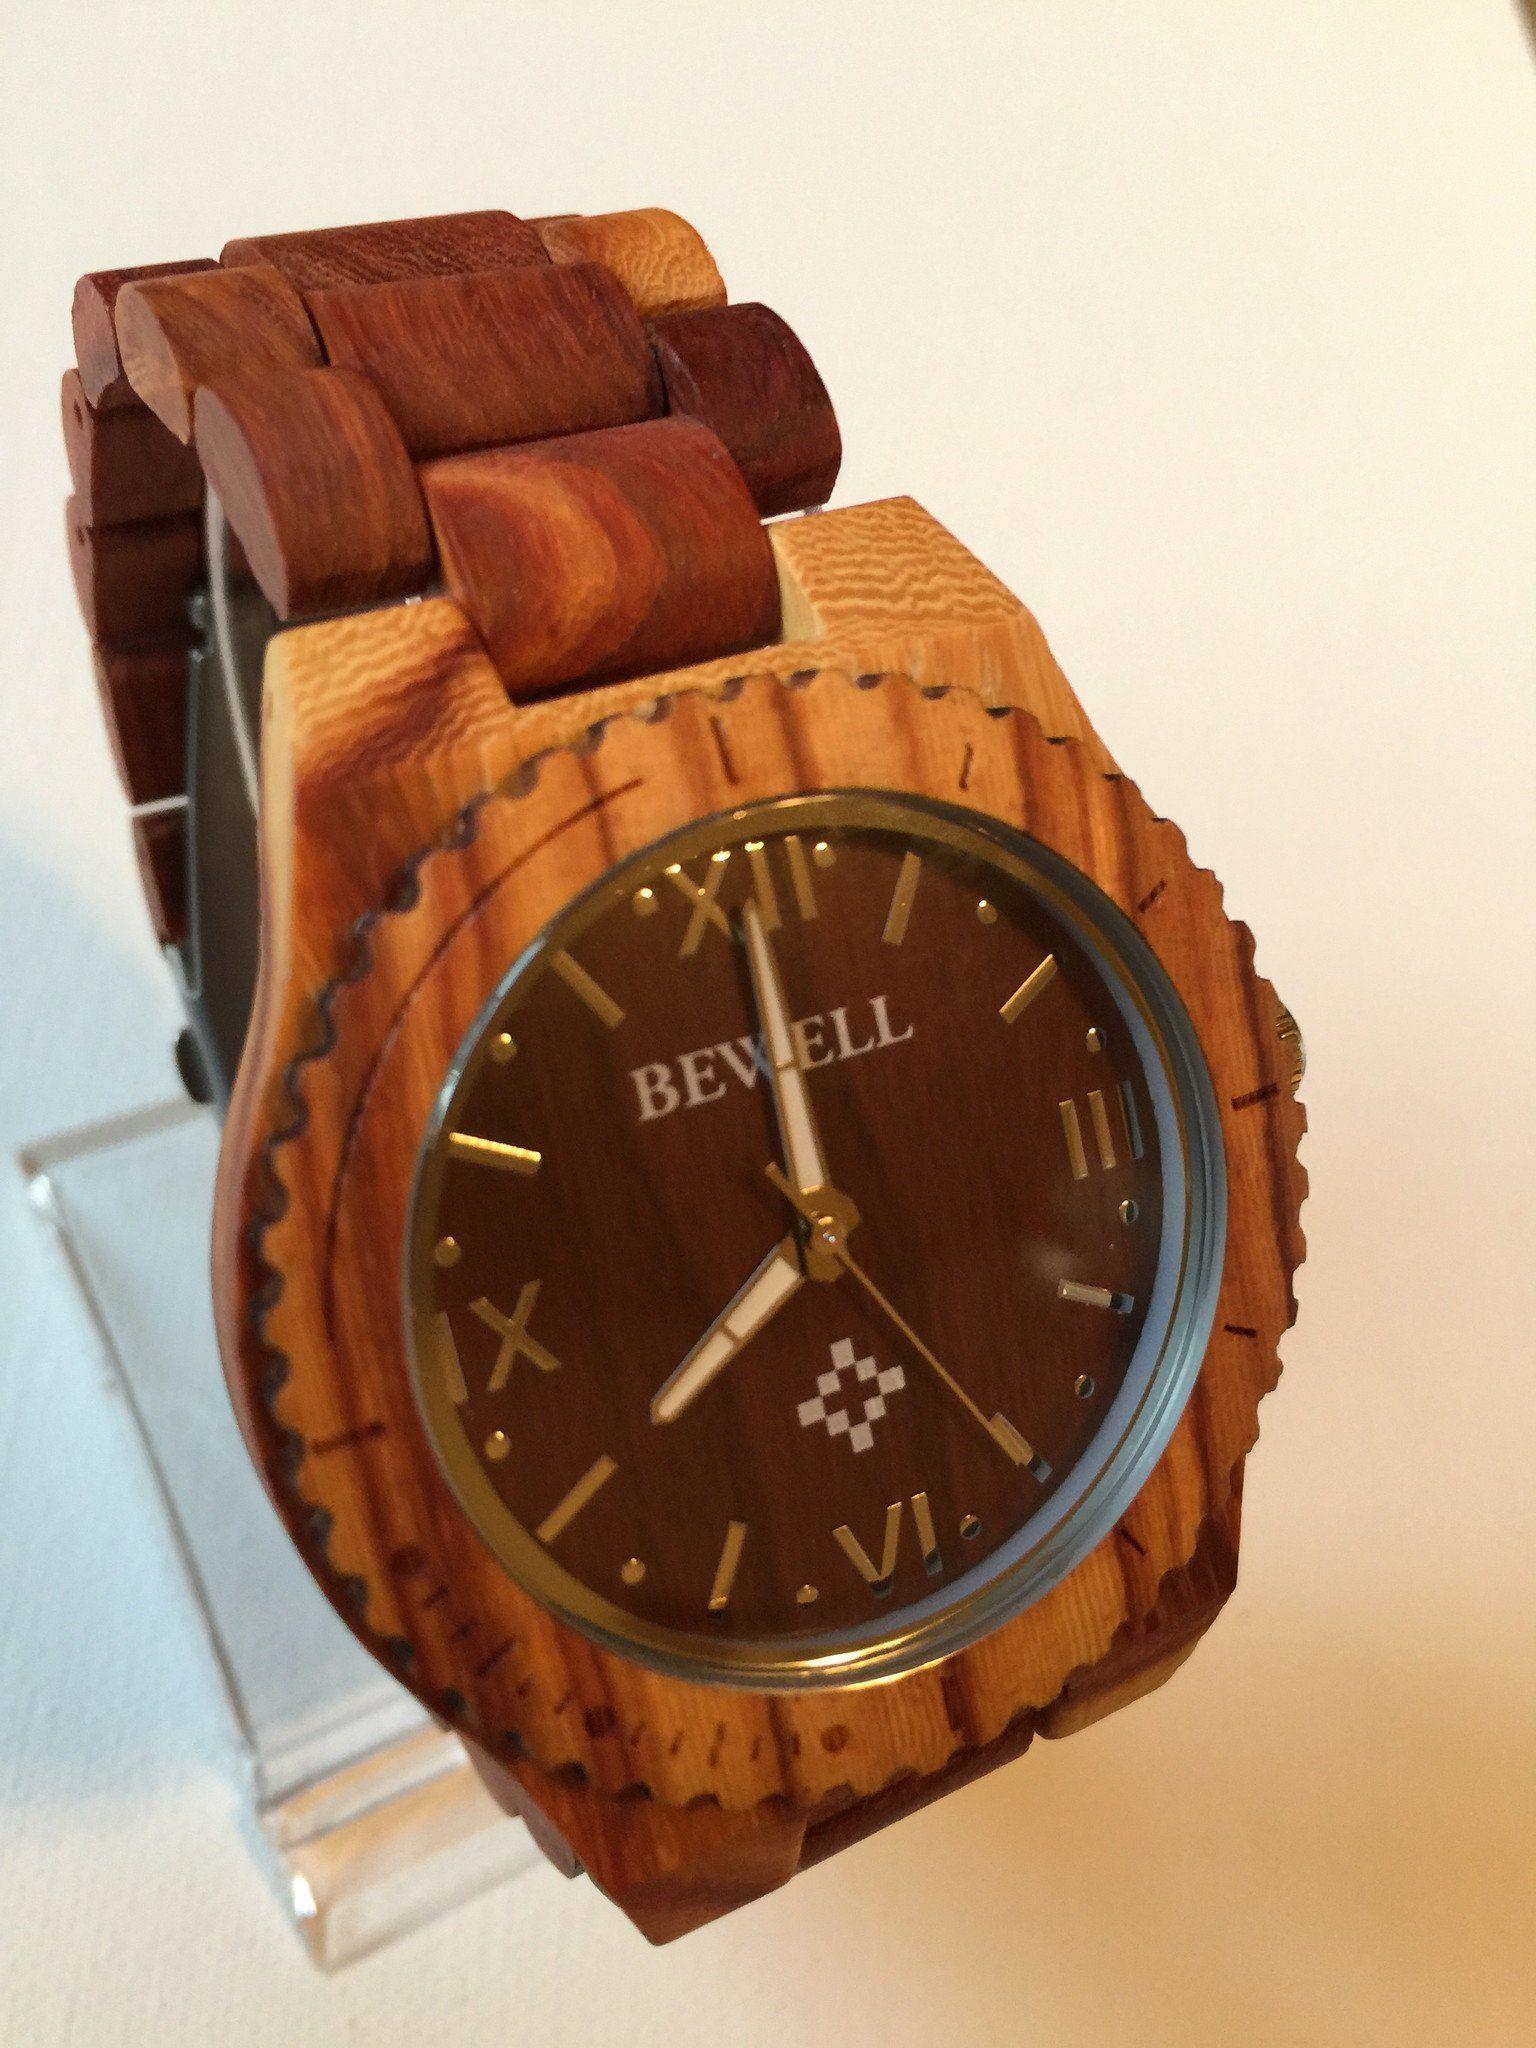 The Amazon Wood Watch